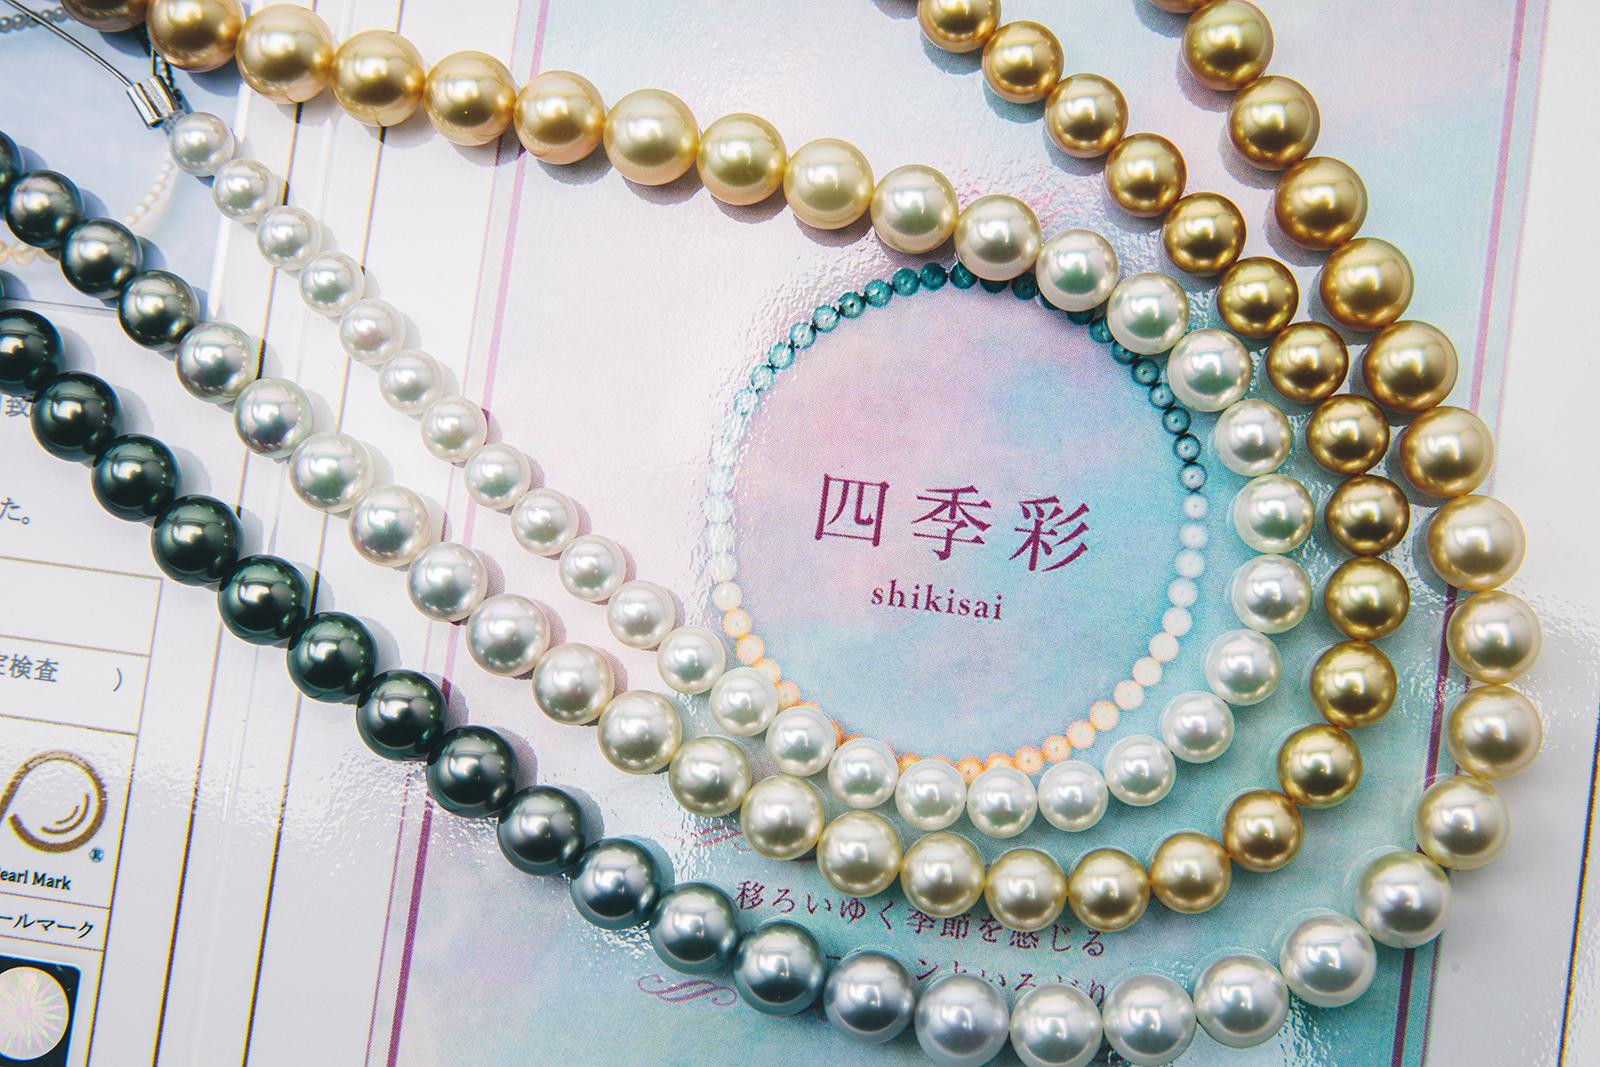 ユニオン真珠